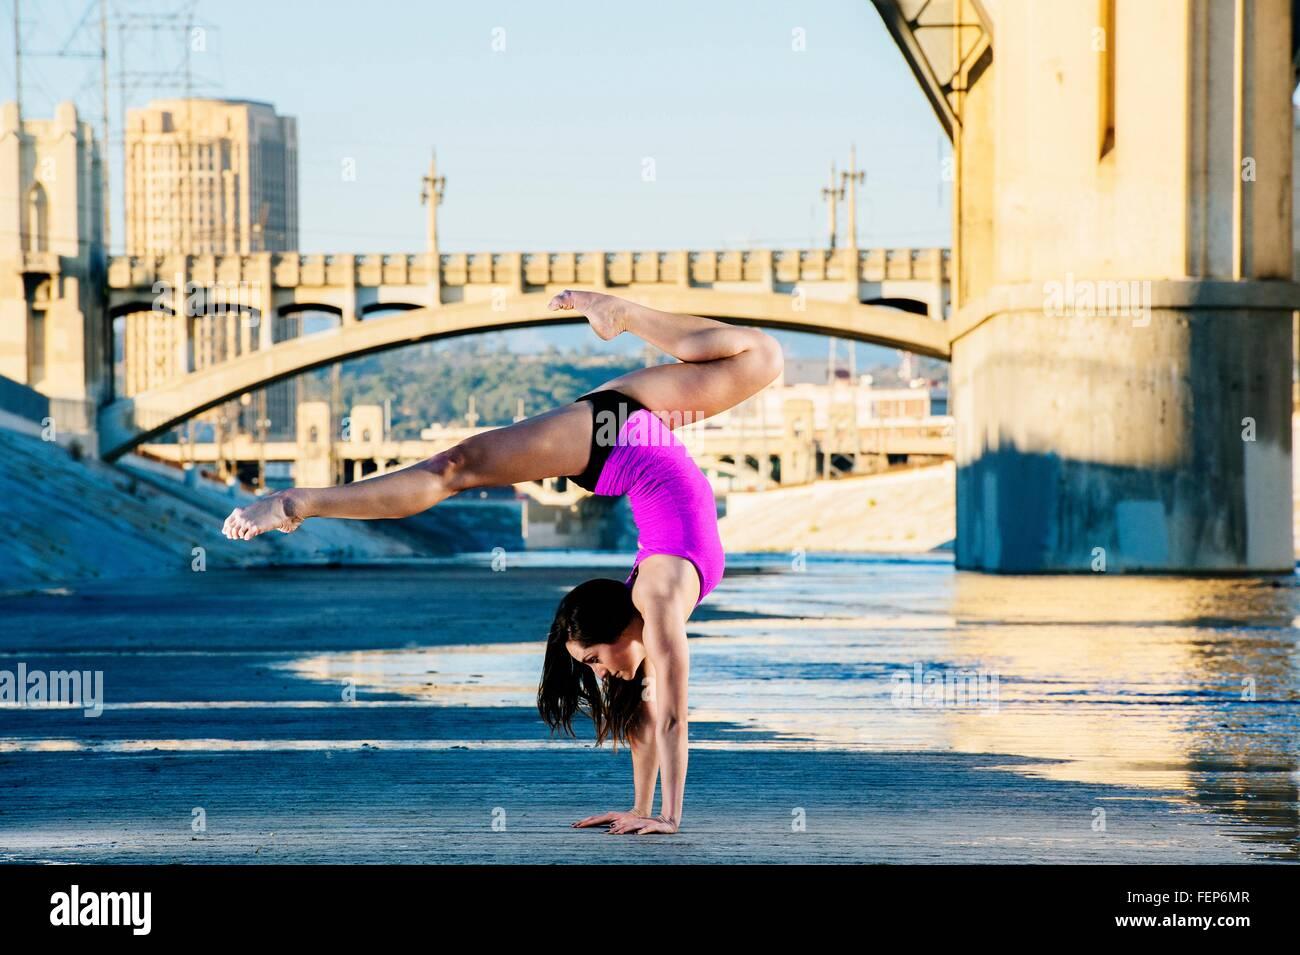 Vista lateral del bailarín haciendo pino, piernas abiertas, Los Ángeles, California, Estados Unidos. Imagen De Stock